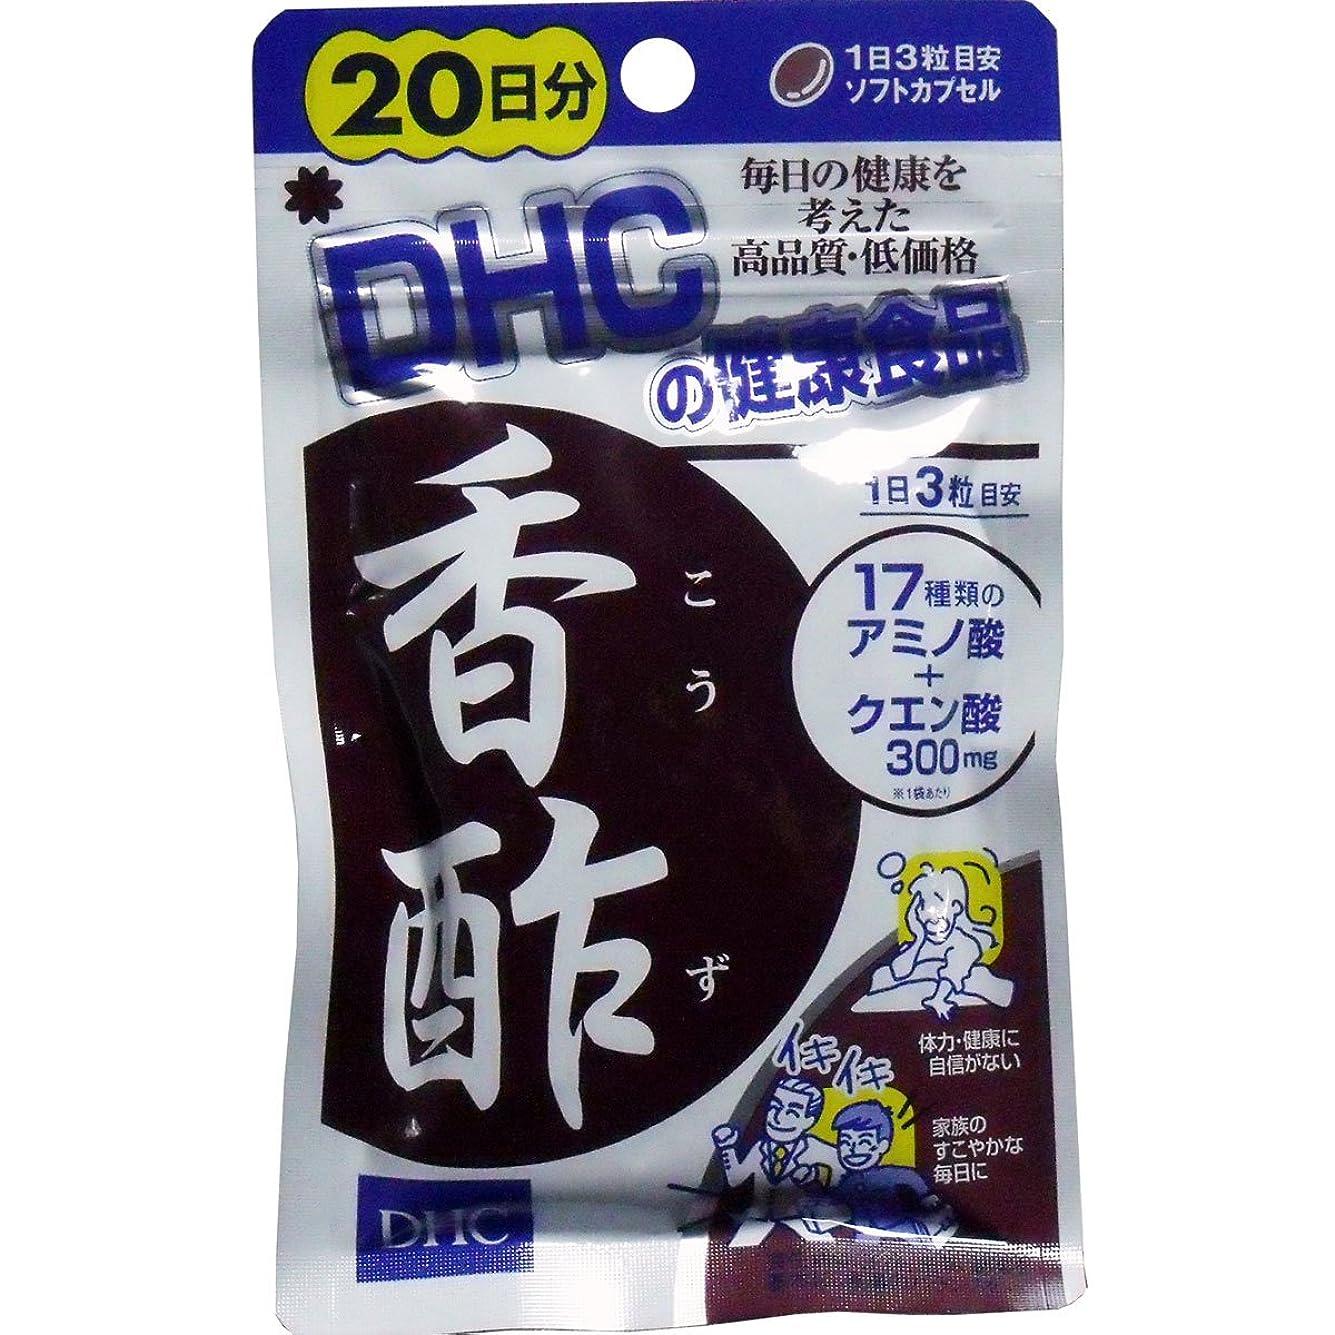 我慢するスラック誤サプリ 健康食品 香酢 酢 パワー DHC アミノ酸たっぷりの禄豊香酢を手軽に!20日分 60粒入